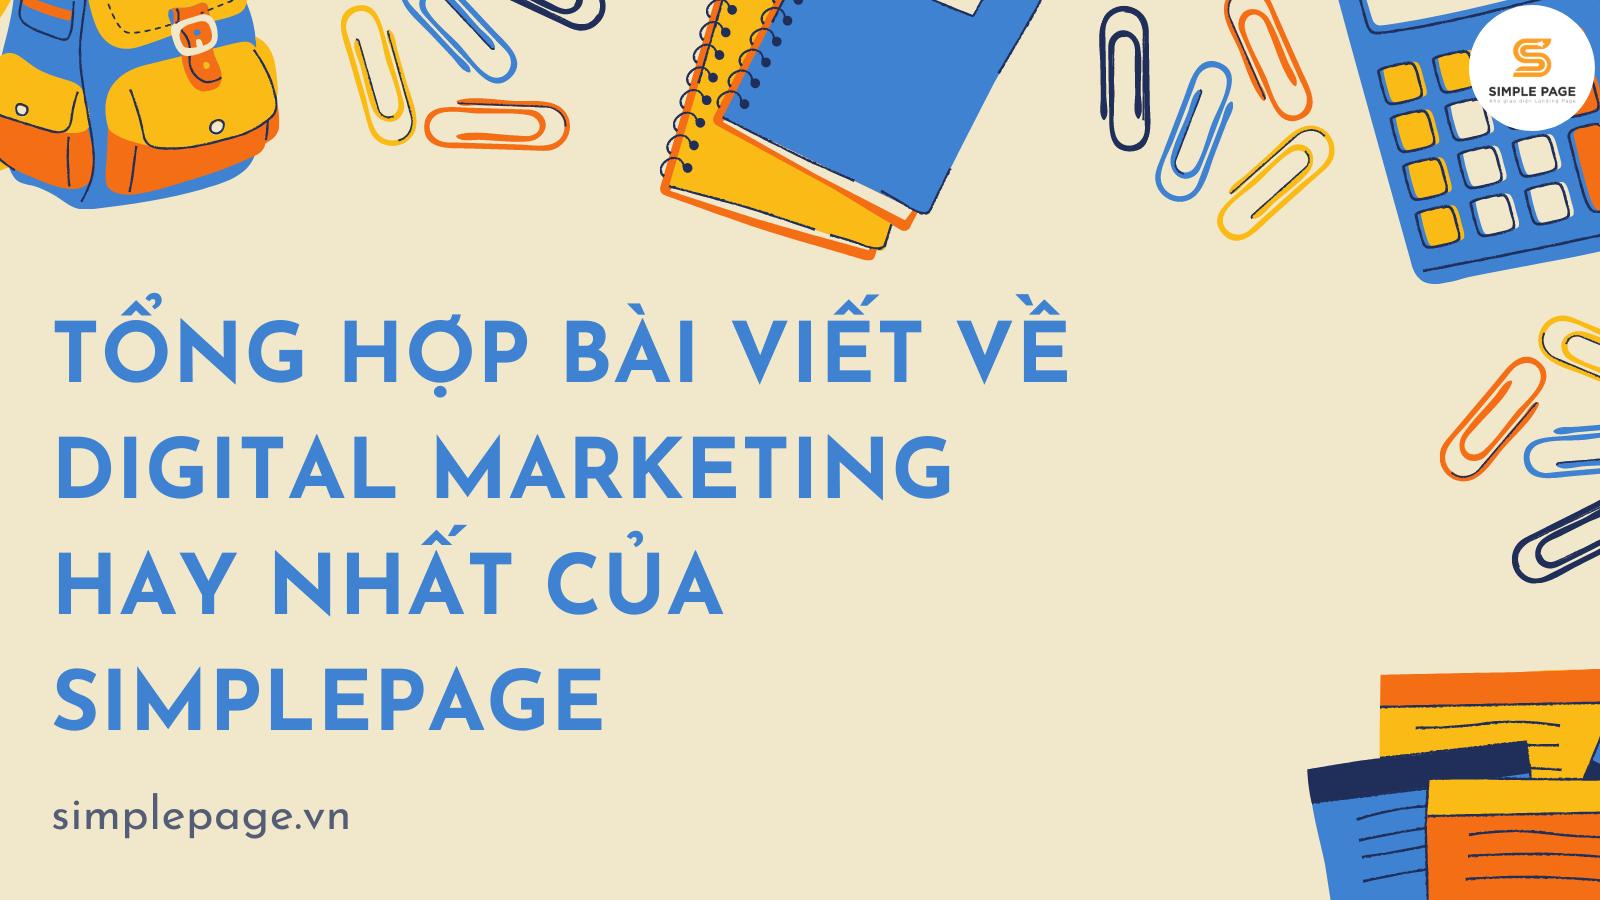 Tổng hợp tài liệu Digital Marketing hay nhất của Simplepage 2021